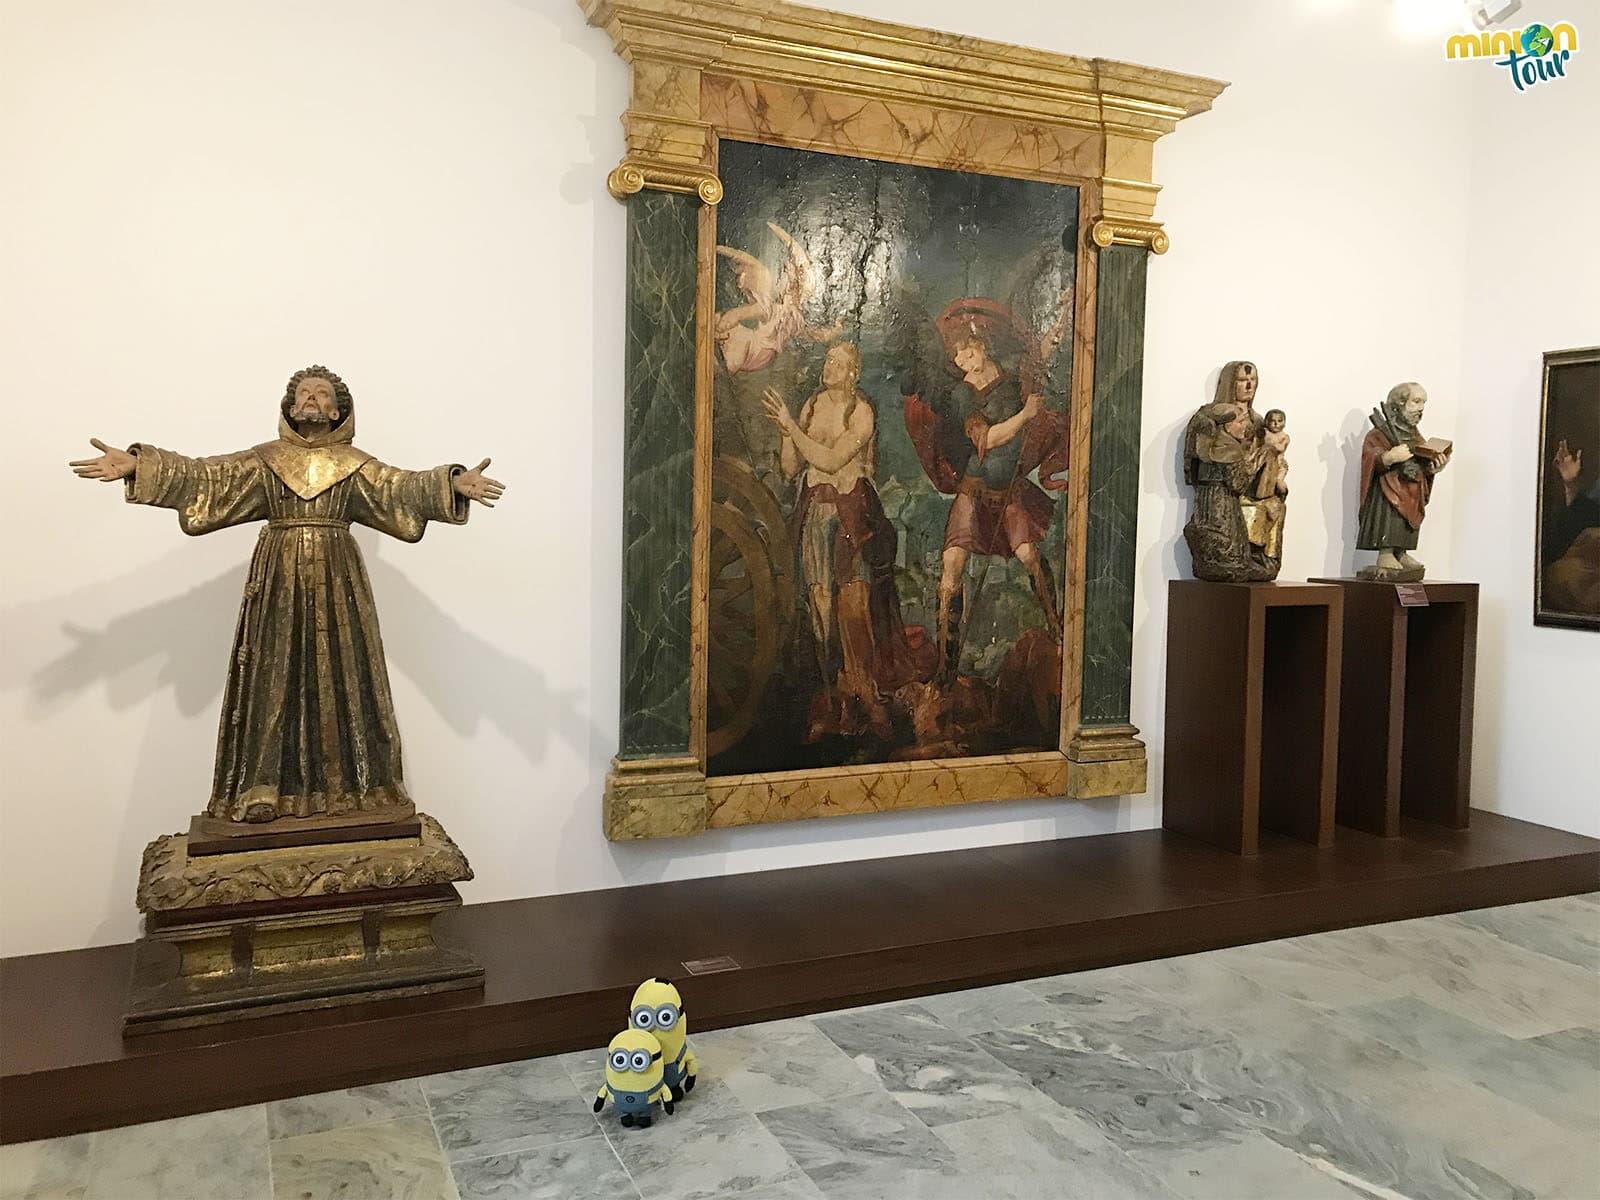 Ya estamos llegando al final de nuestra visita por el Museo Catedralicio y Diocesano